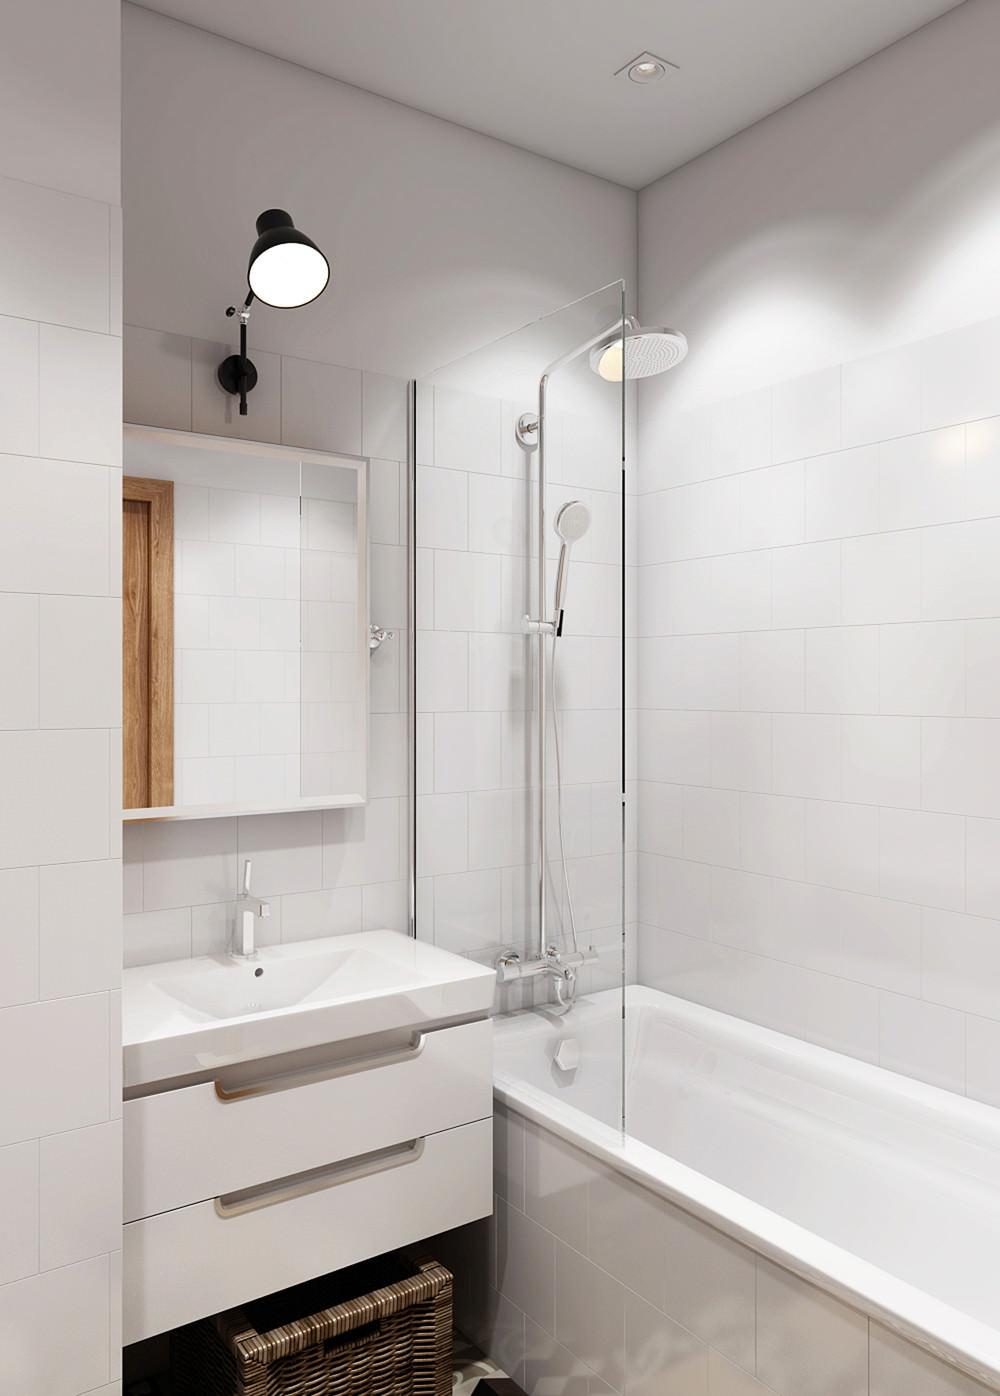 mini-studio-pokazva-ideen-interior-s-multifunktsionalni-mebeli-19-m-911g